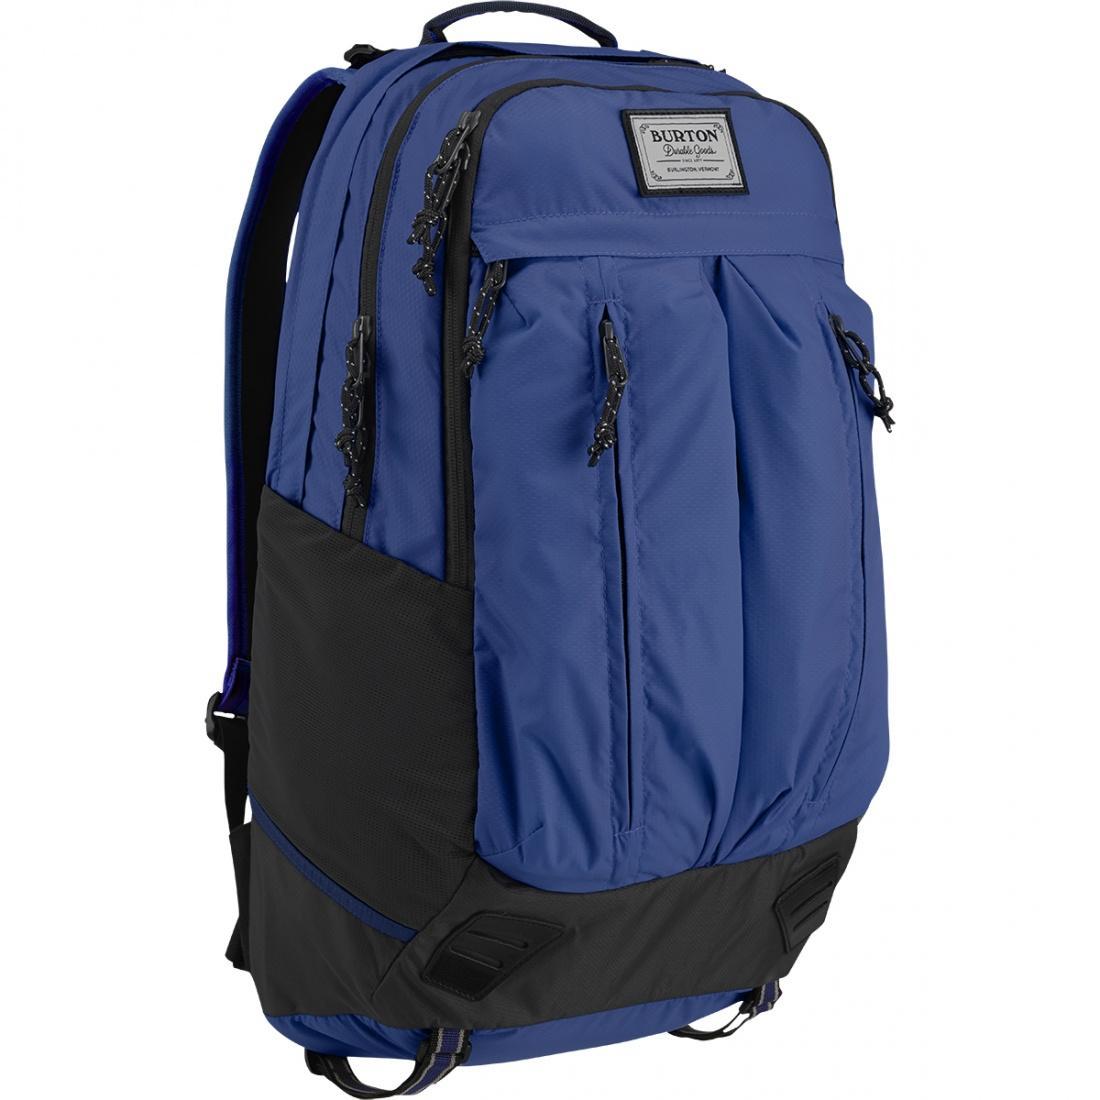 Рюкзак BRAVO PACKСпортивные<br><br>Большое внутреннее отделение <br>Мягкий отсек для ноутбука (45 см х 29 см х 5 см) <br>Дополнительная флисовая подкладка-кармашек для ...<br><br>Цвет: Серый<br>Размер: None